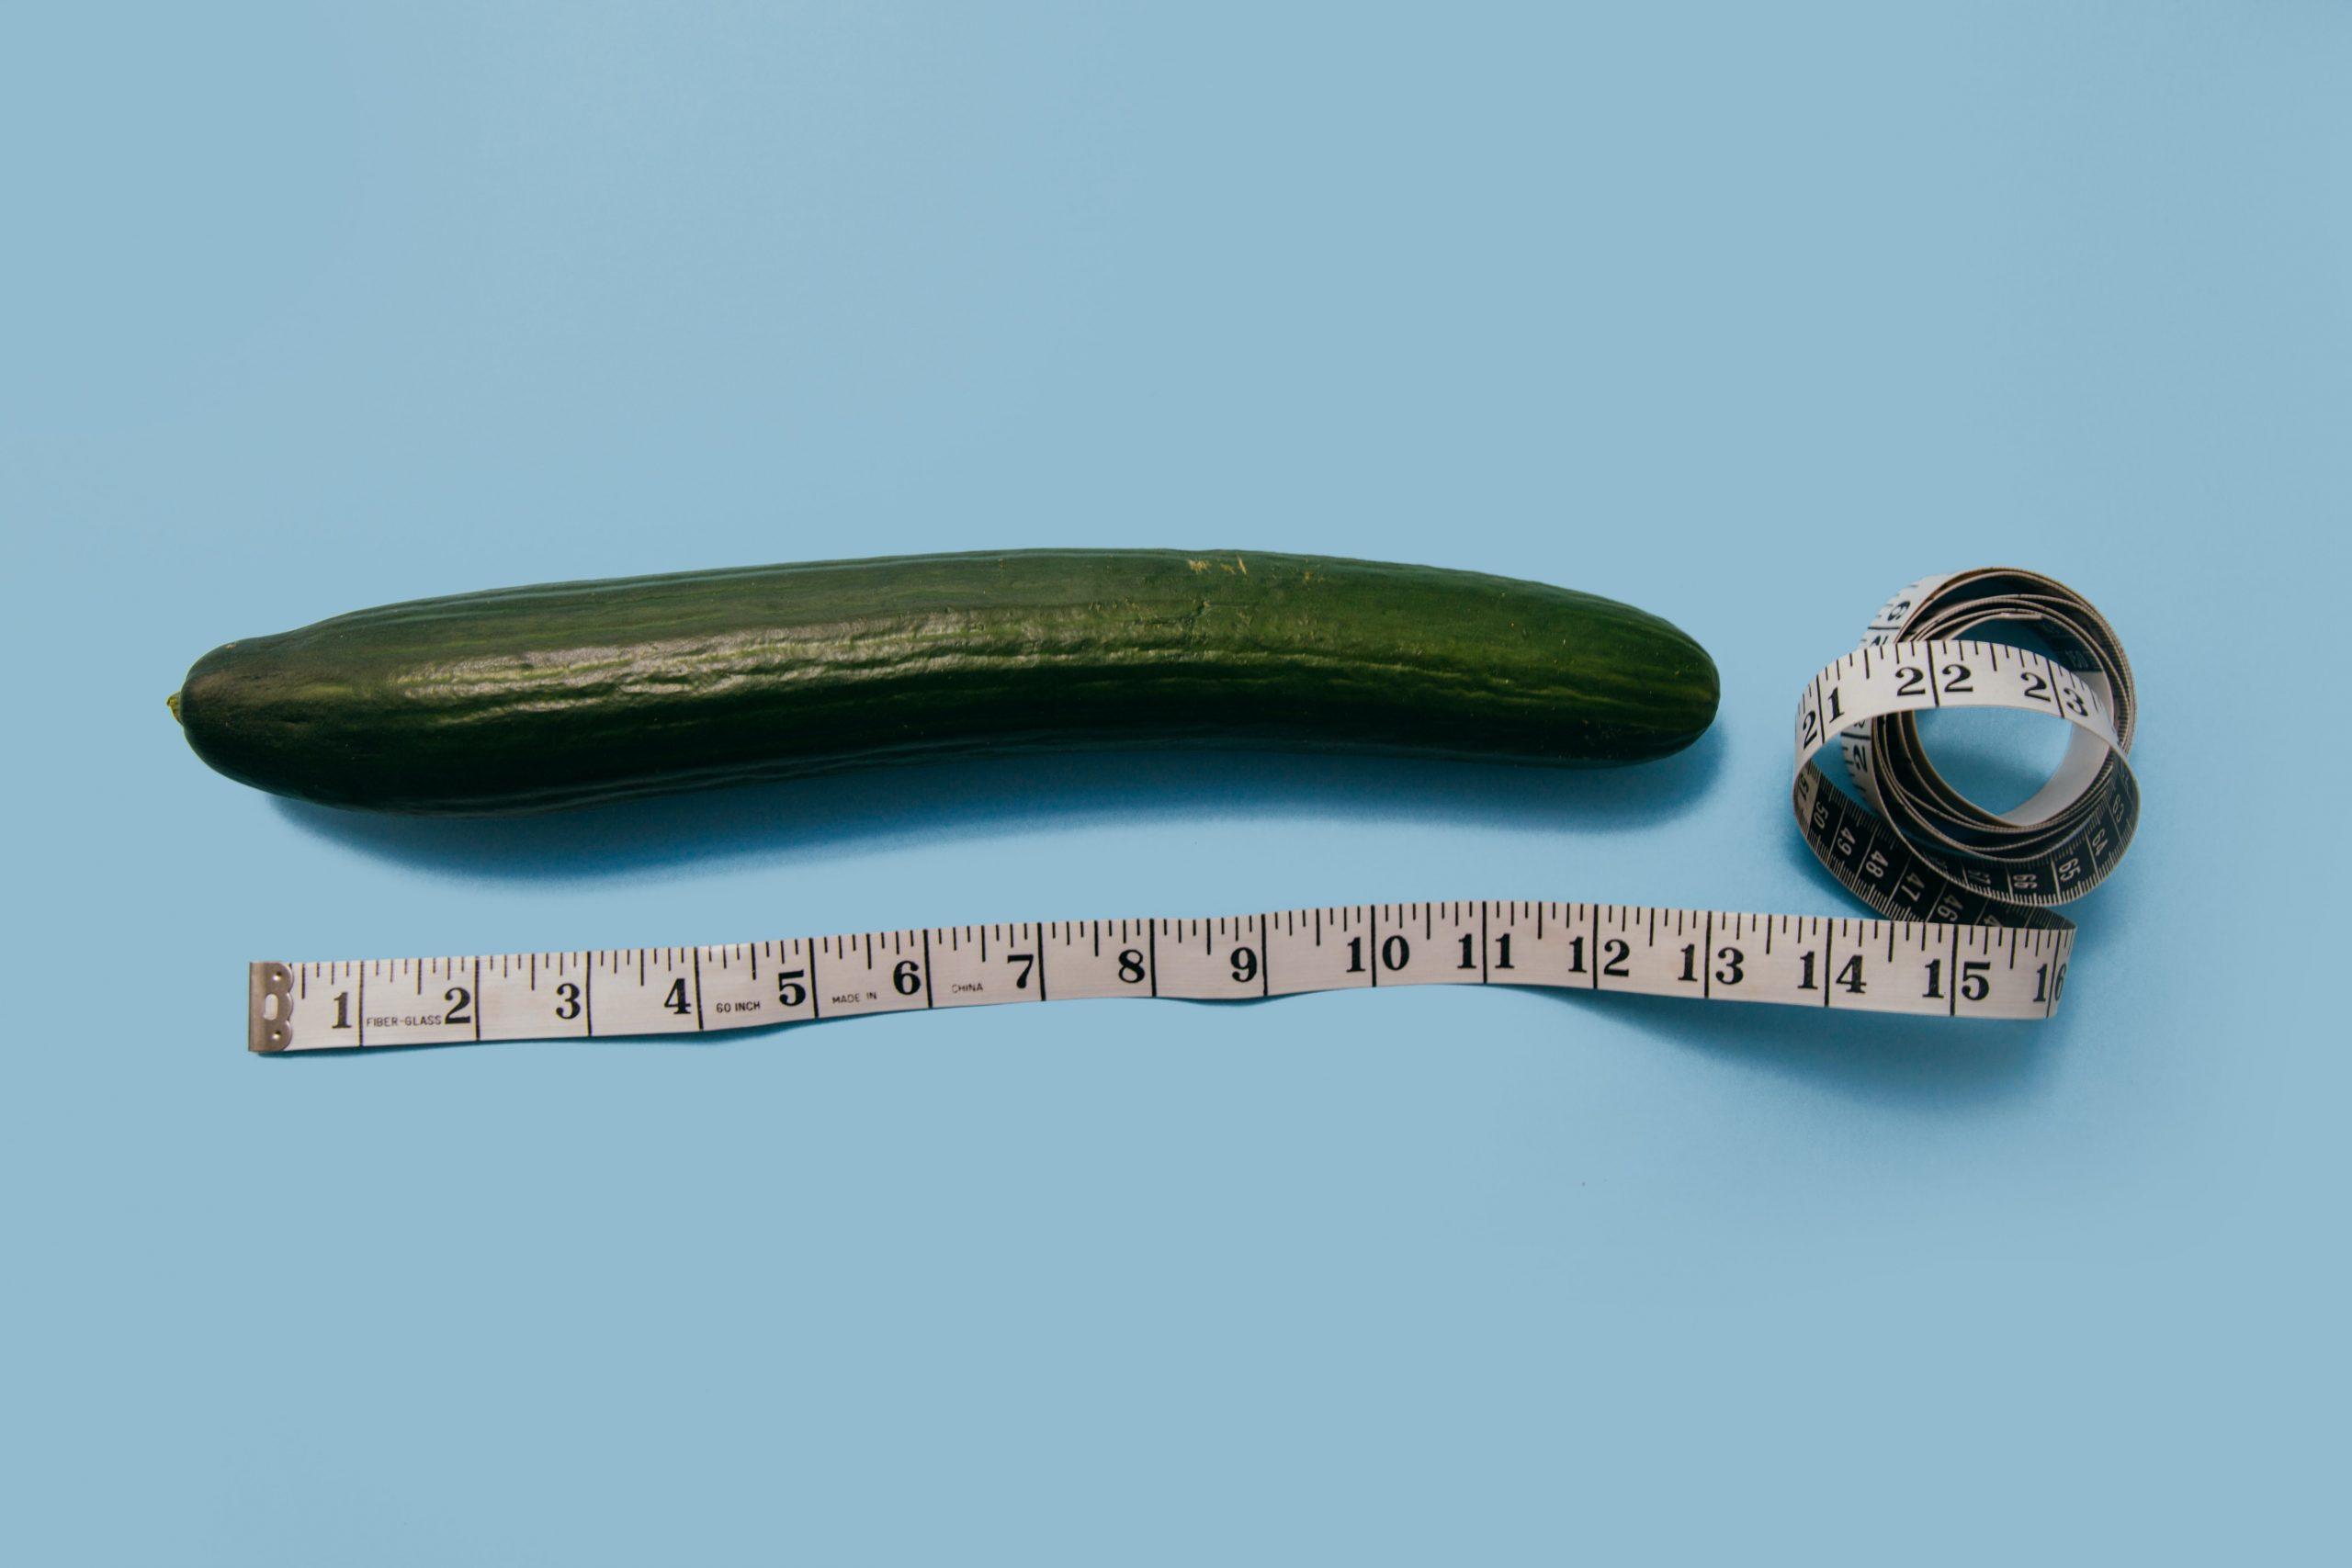 Imagem mostra um penino medido com uma fita métrica simbolizando um pênis.